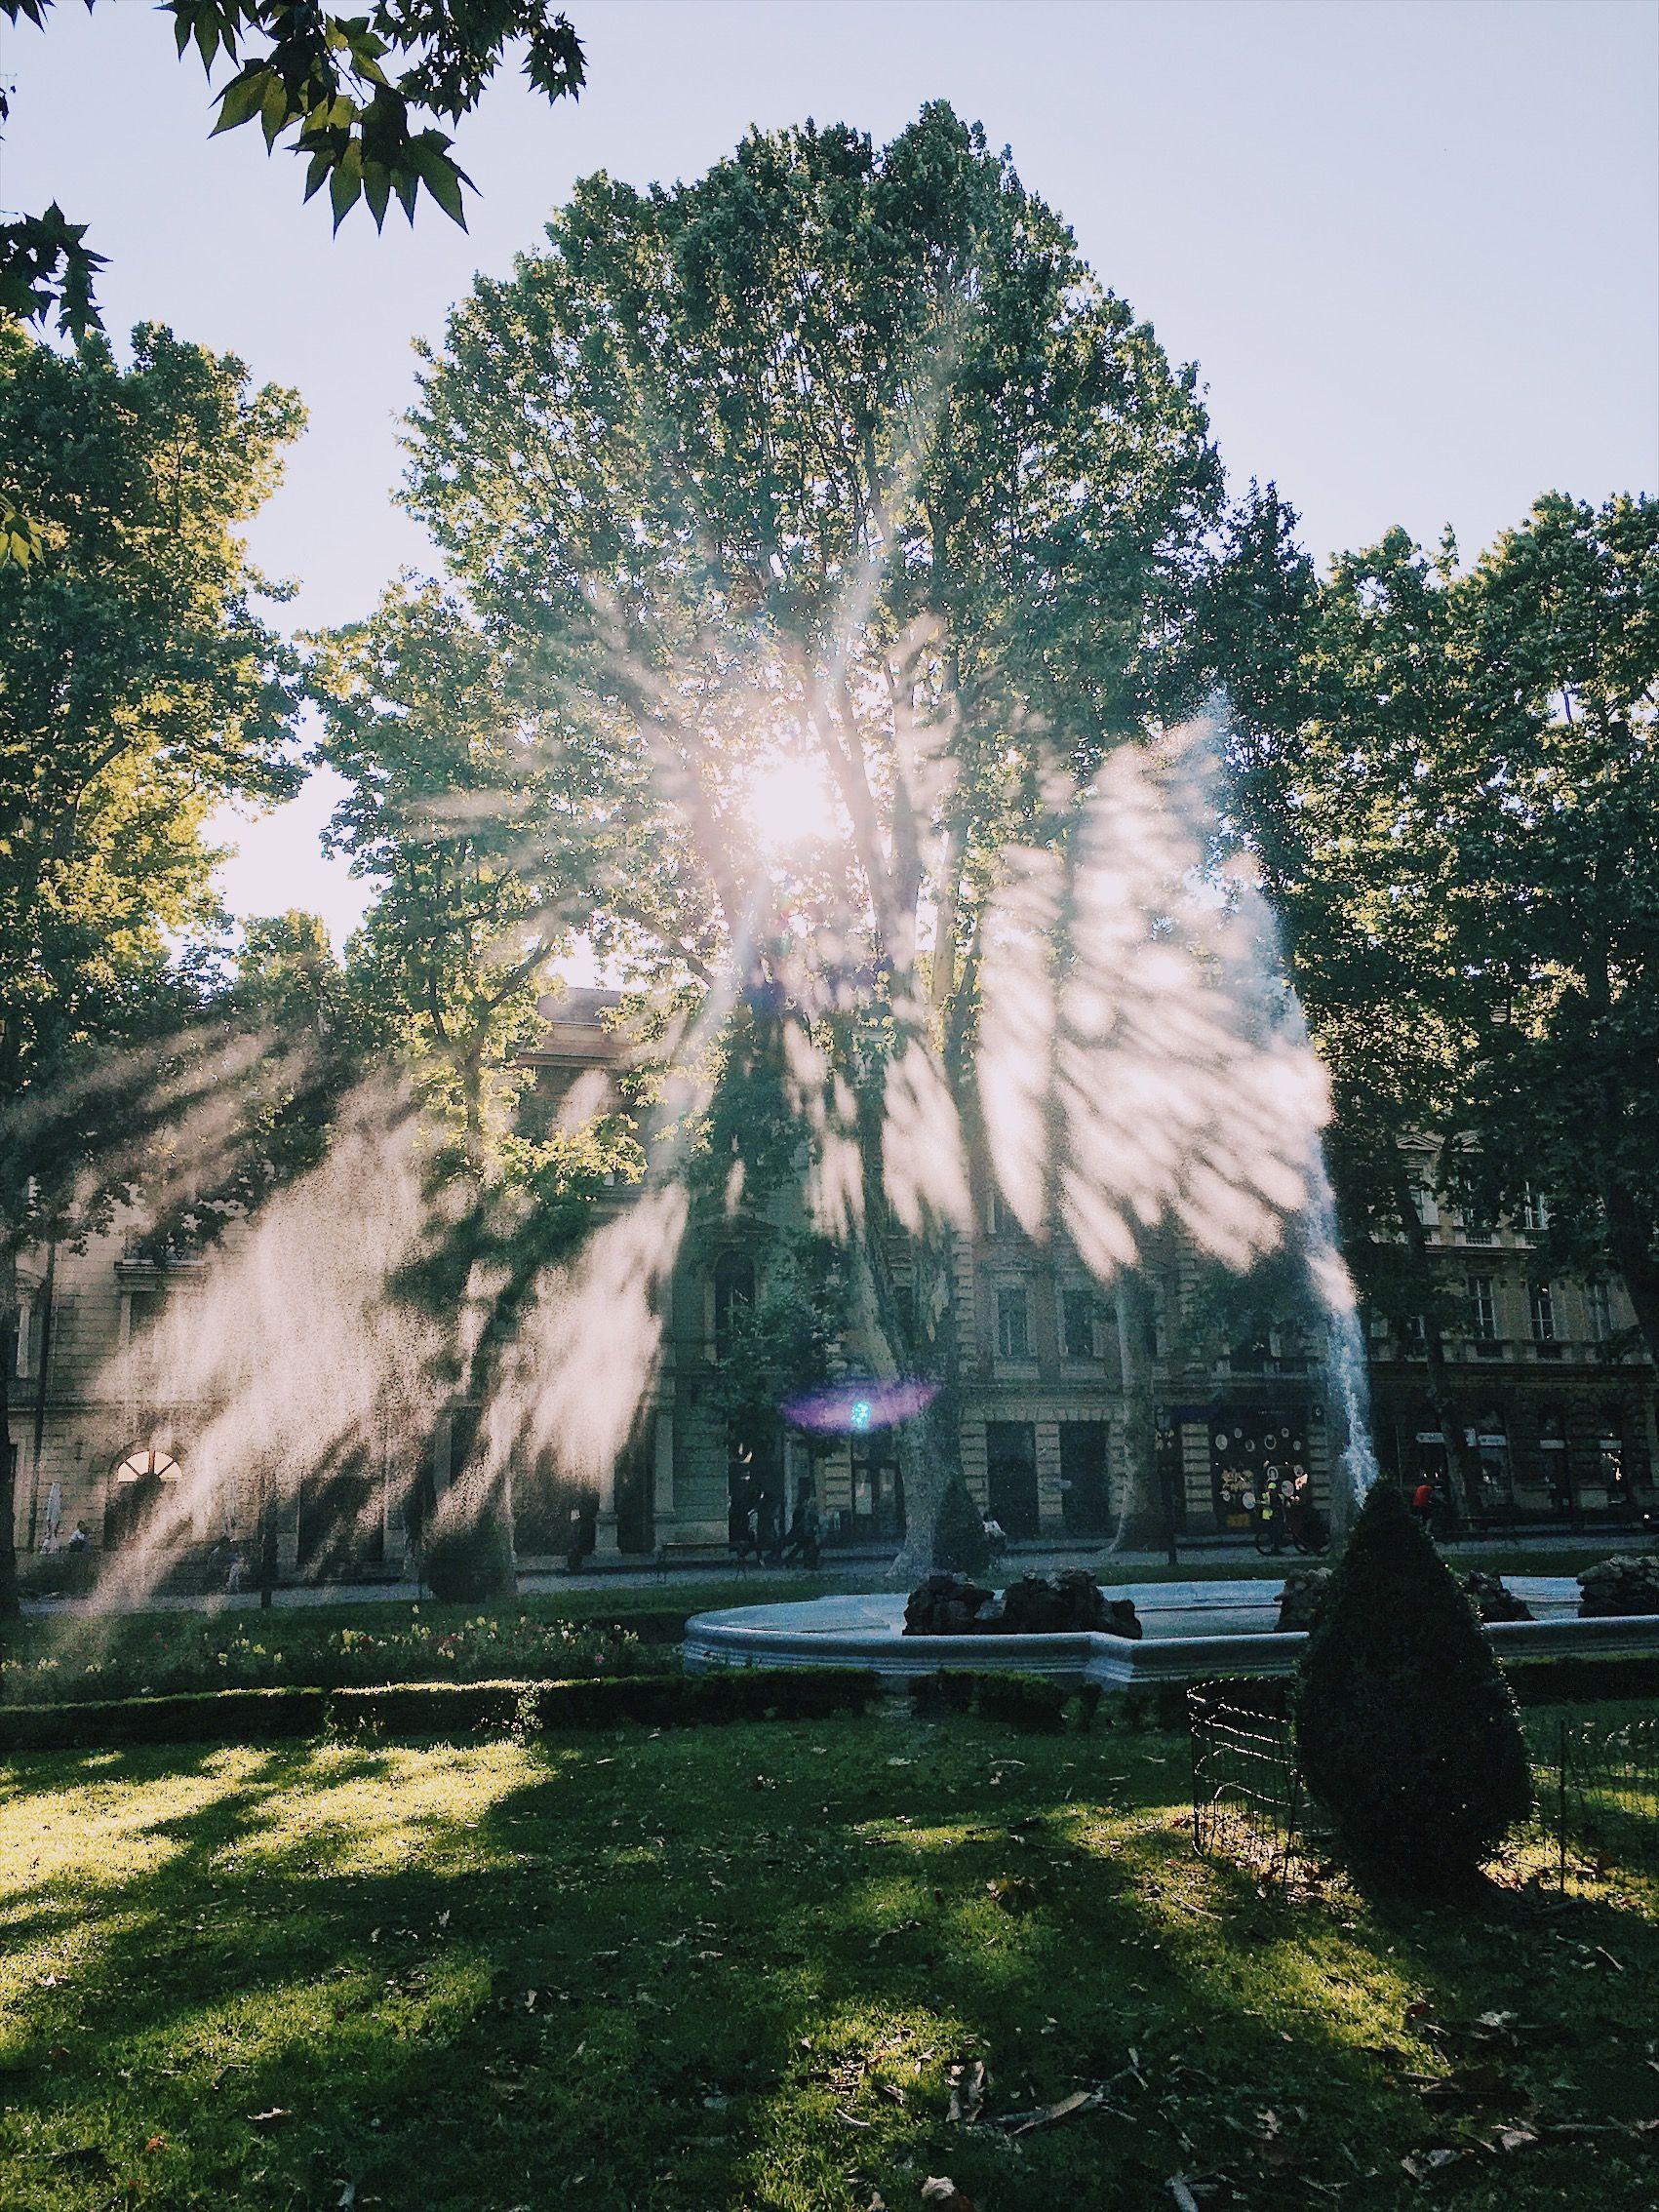 Zagreb Kroatien Licht Light Gegenlicht Sonne Wasser Park Mit Bildern Zagreb Kroatien Kroatien Zagreb